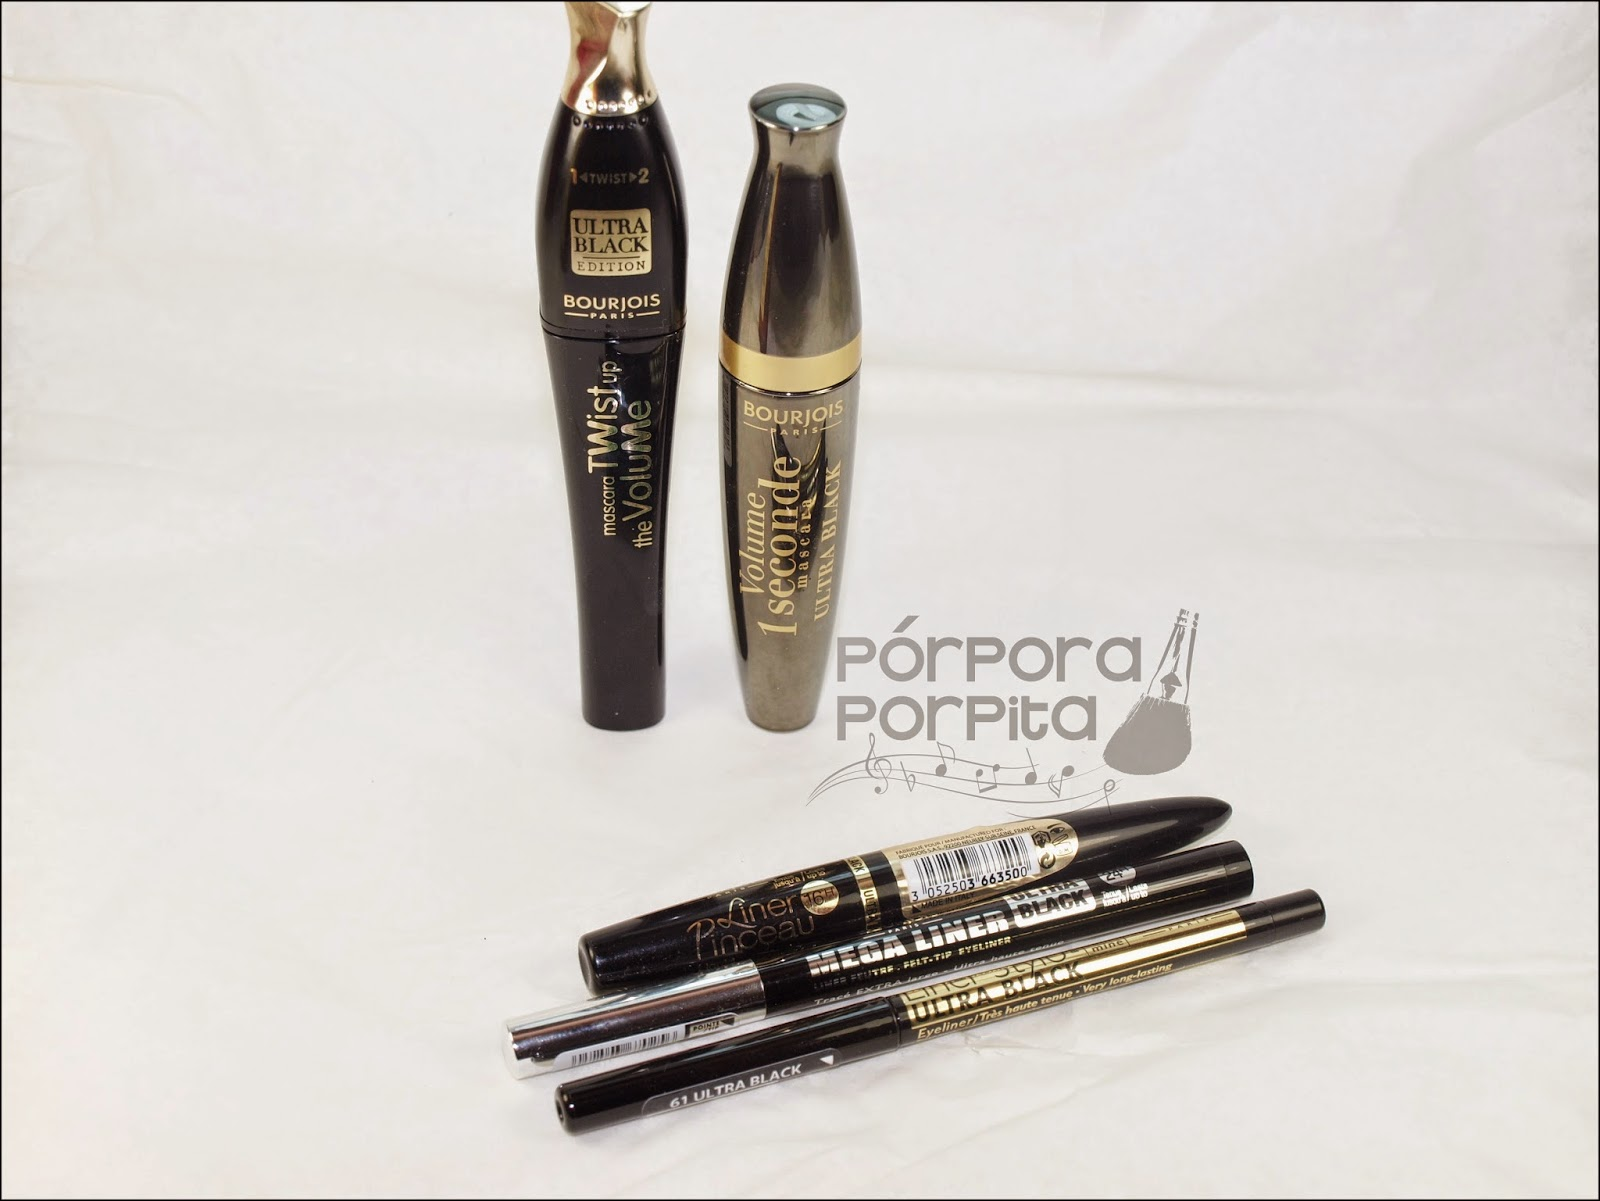 Coleccin Ultra Black De Bourjois Prpora Porpita Eyeliner Liner Stylo 61 Ha Sacado Cinco Productos Para Ojos Especialmente Formulados Con Pigmentos Negros Mucho Ms Intensos Que Habitualmente